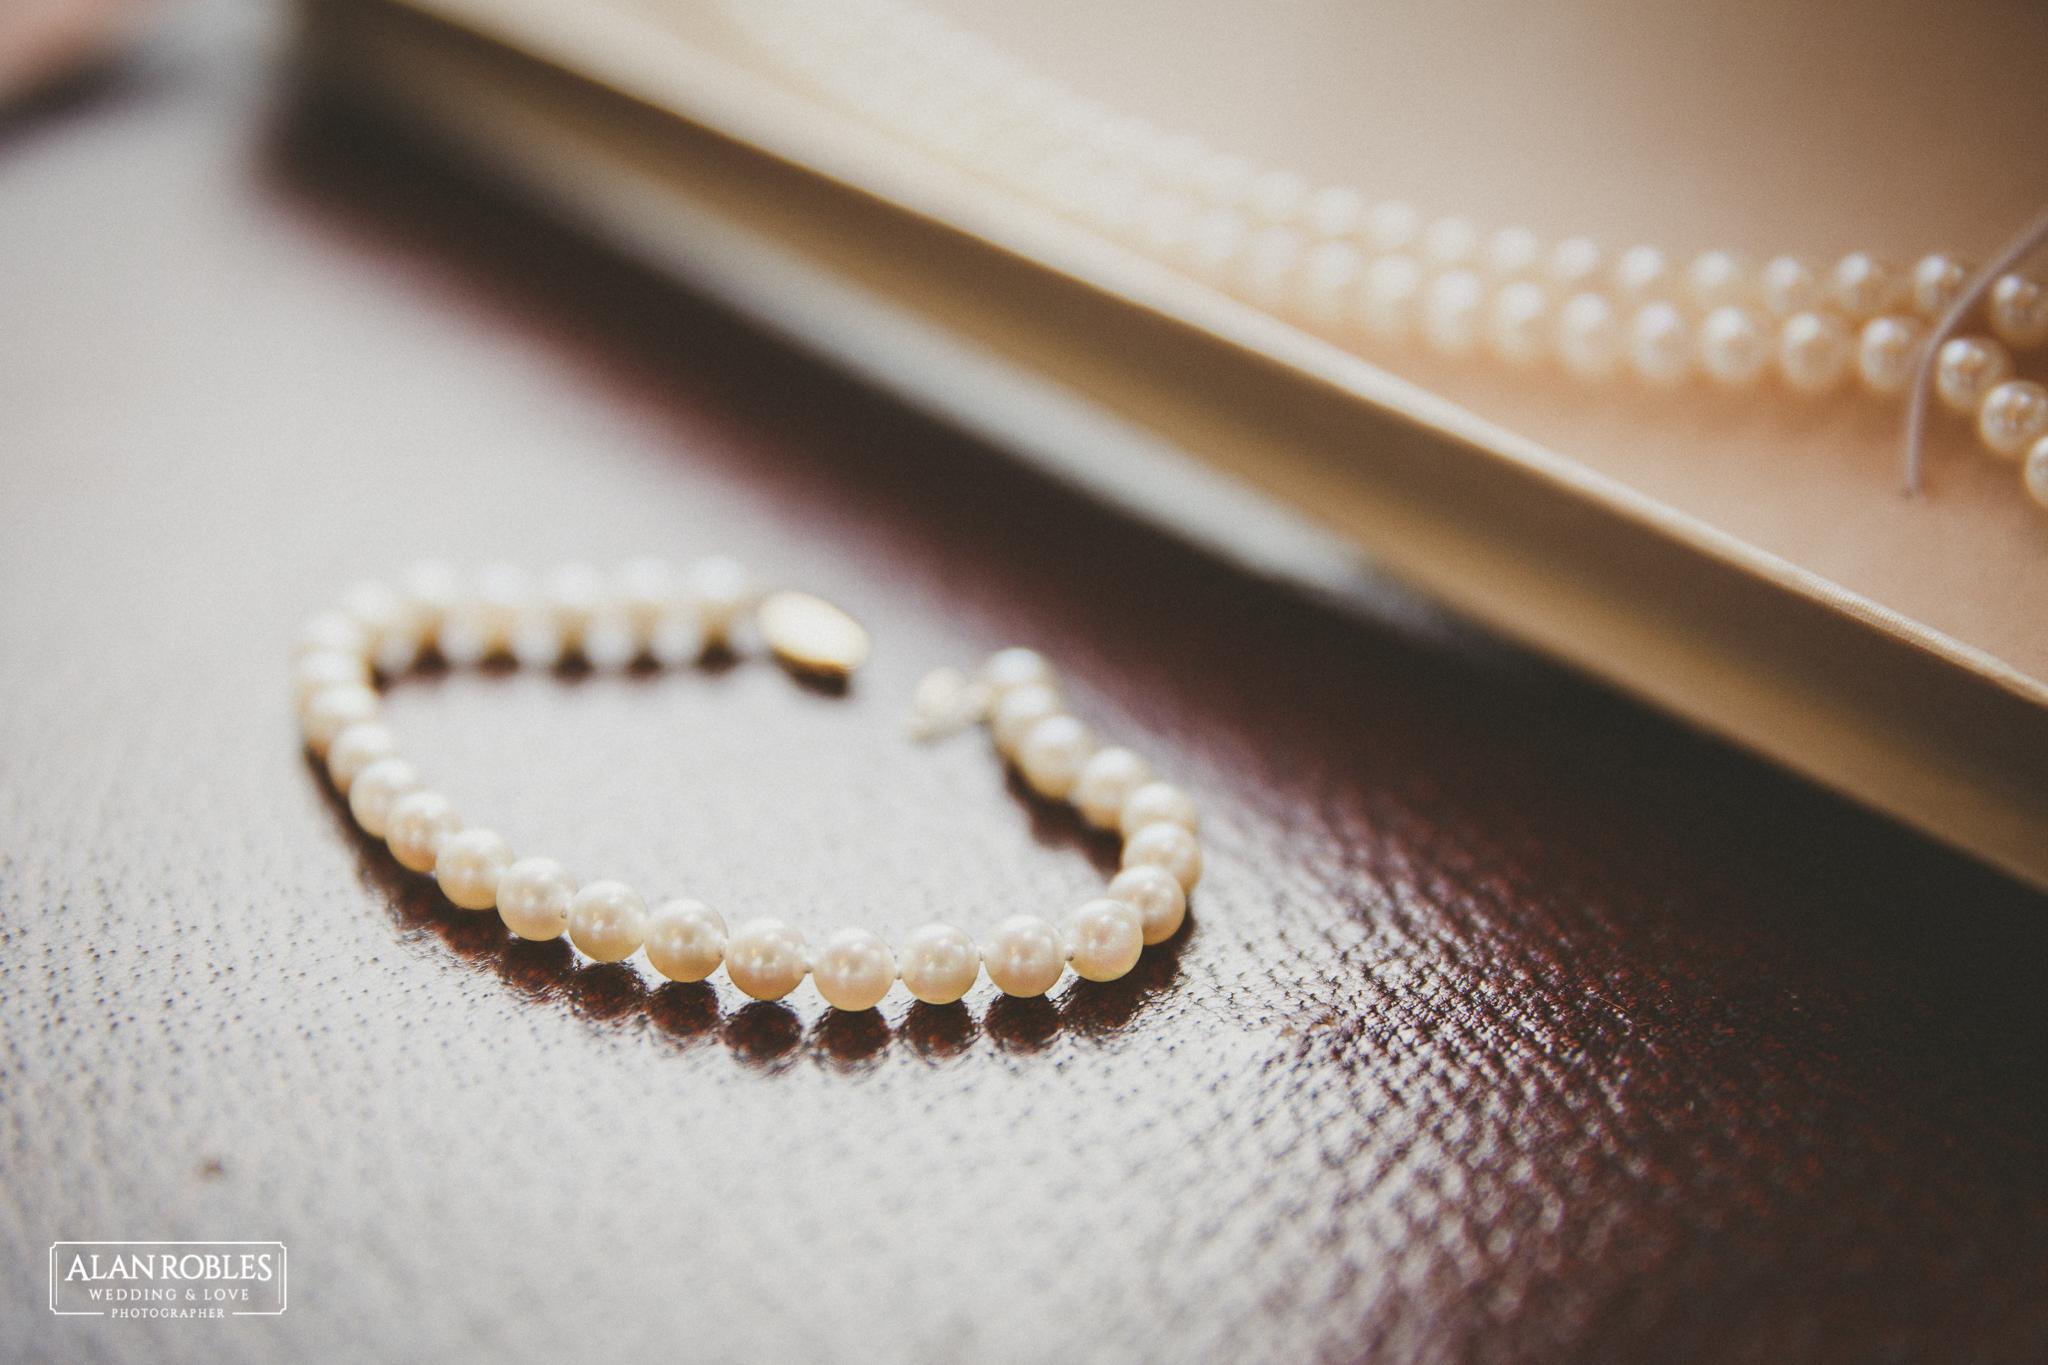 Collar y pulsera accesorios de la novia en el Getting Ready. Alan Robles Fotografo de Bodas.